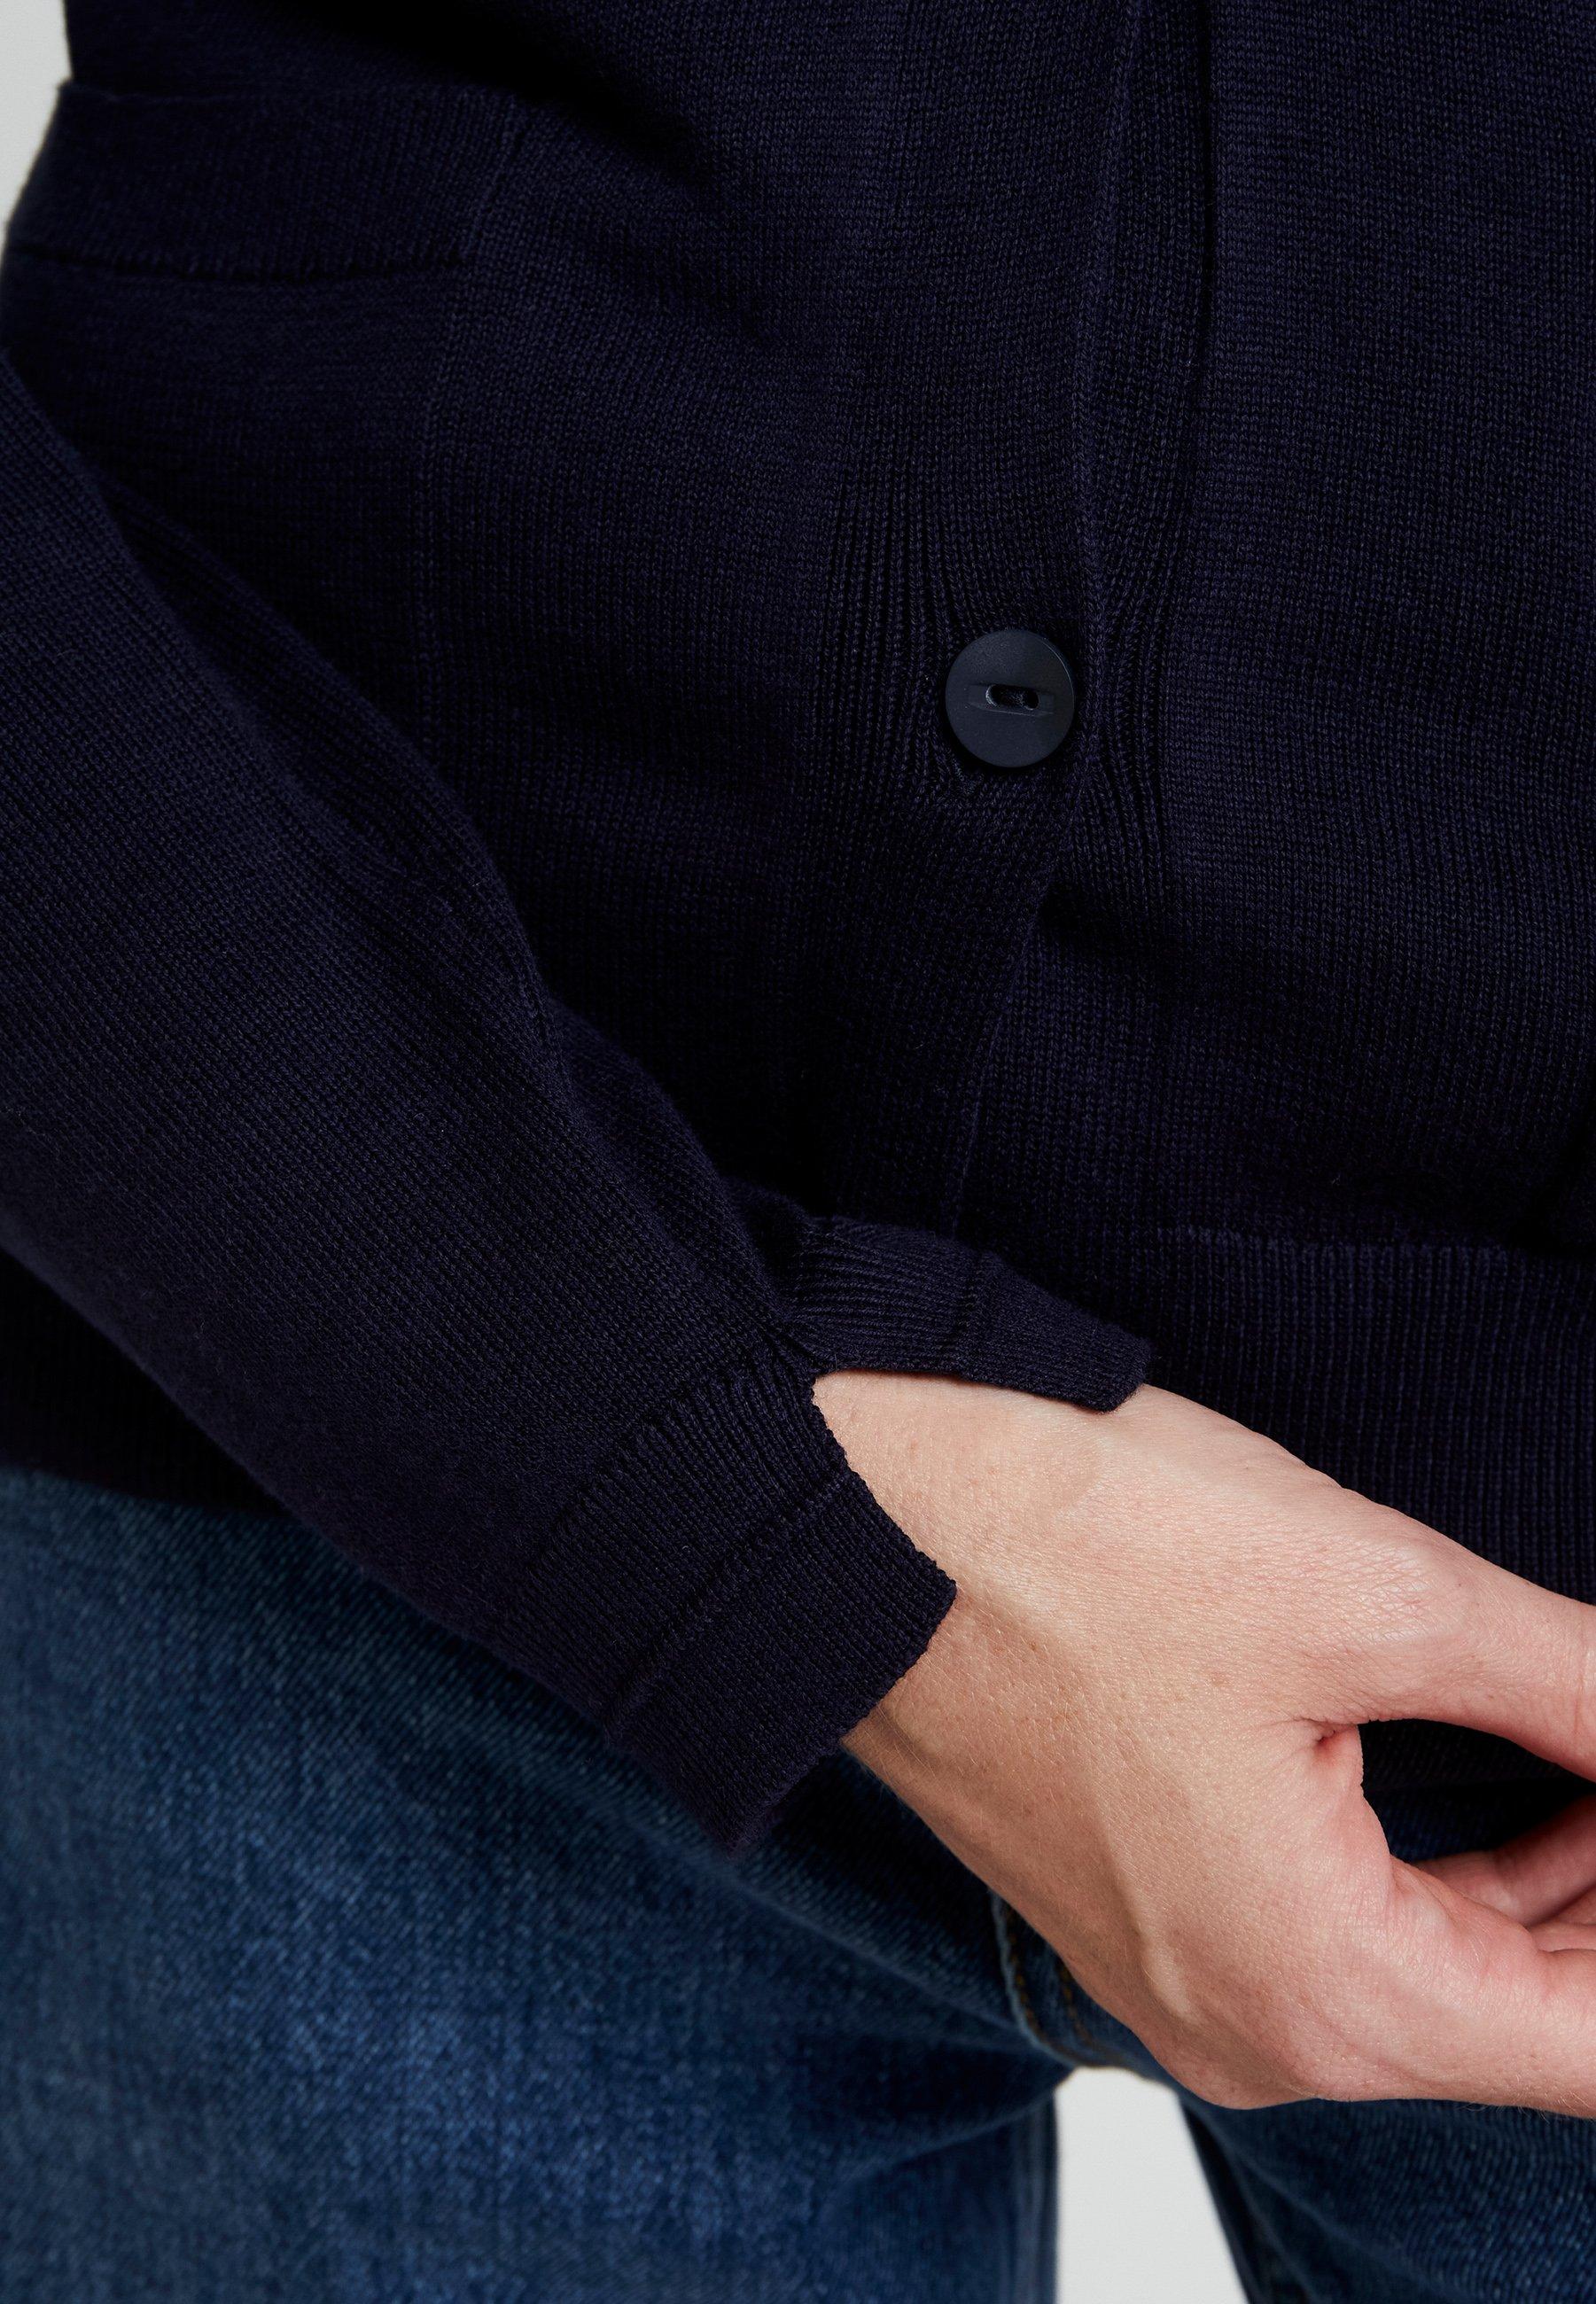 CardiganGilet Esprit CardiganGilet Esprit Navy CardiganGilet CardiganGilet Esprit Esprit Navy Navy Navy PuXZOkiT